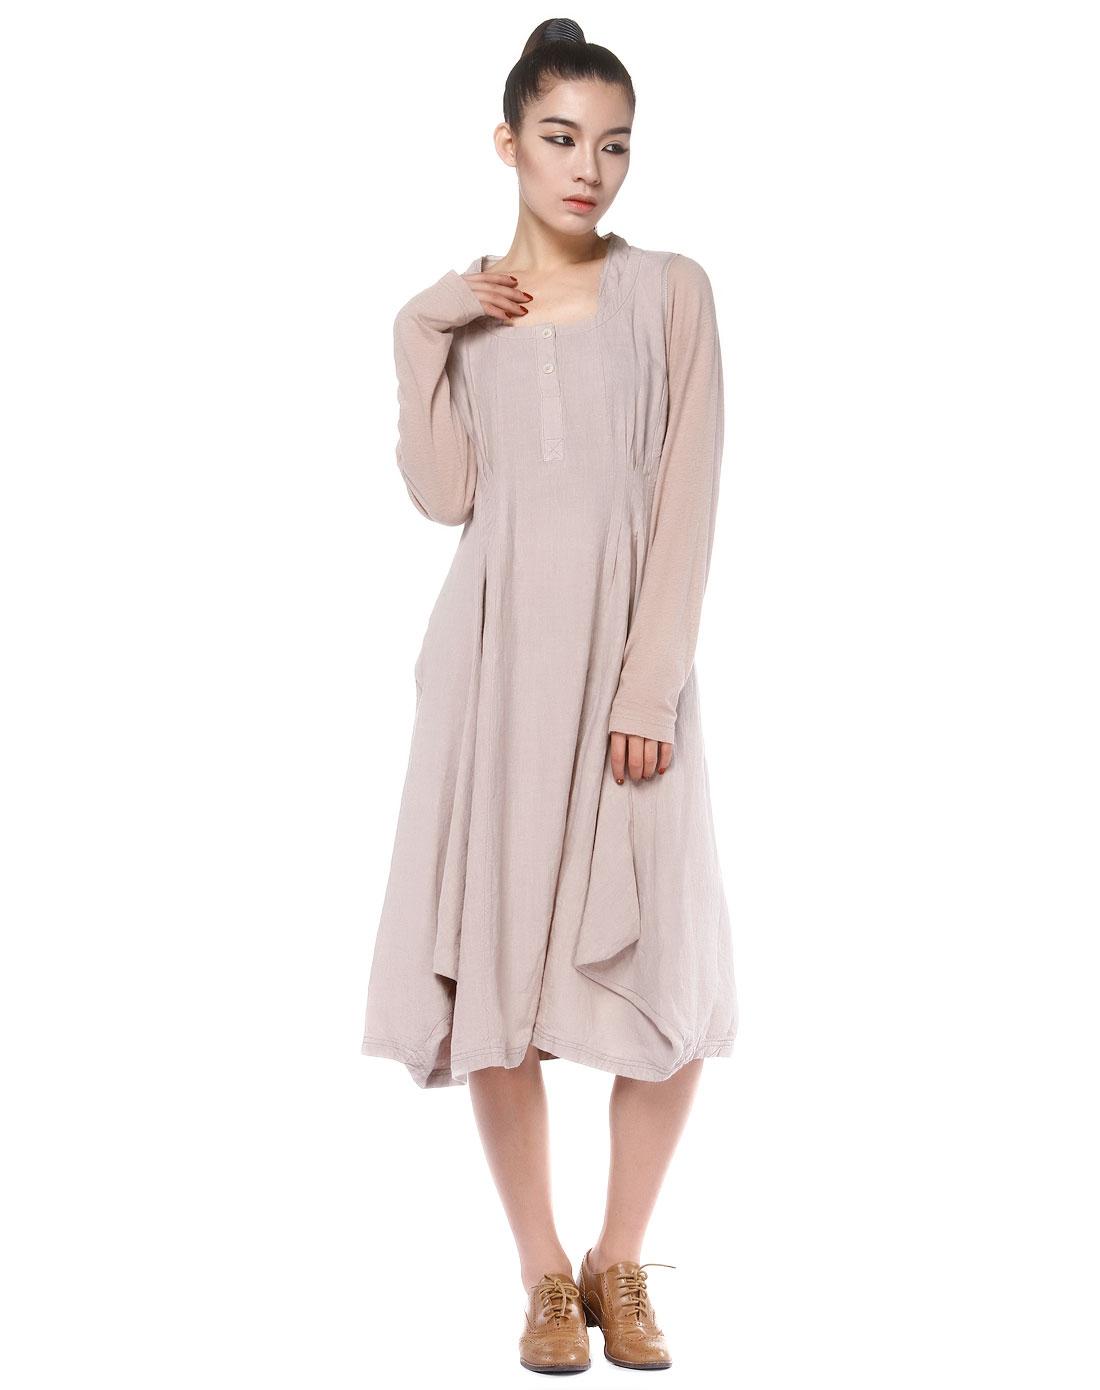 浅灰褐色拼布长袖连衣裙图片